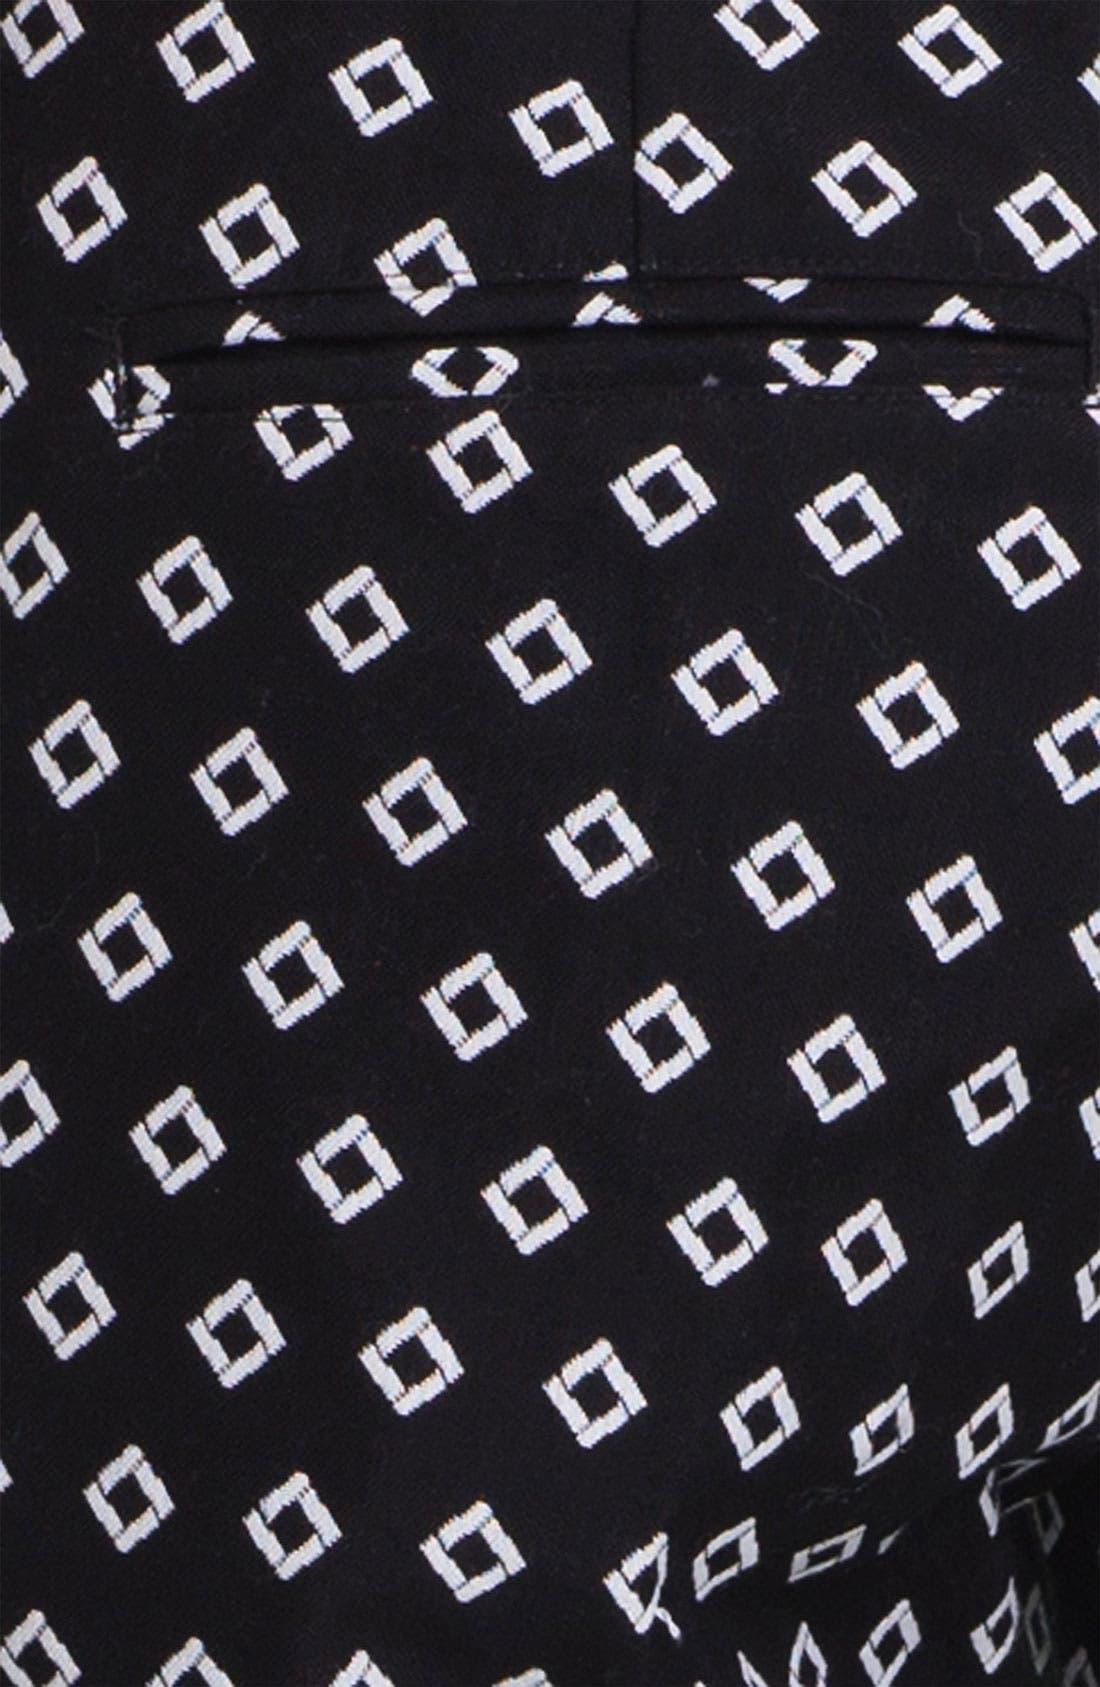 Diamond Jacquard Bermuda Shorts,                             Alternate thumbnail 3, color,                             001